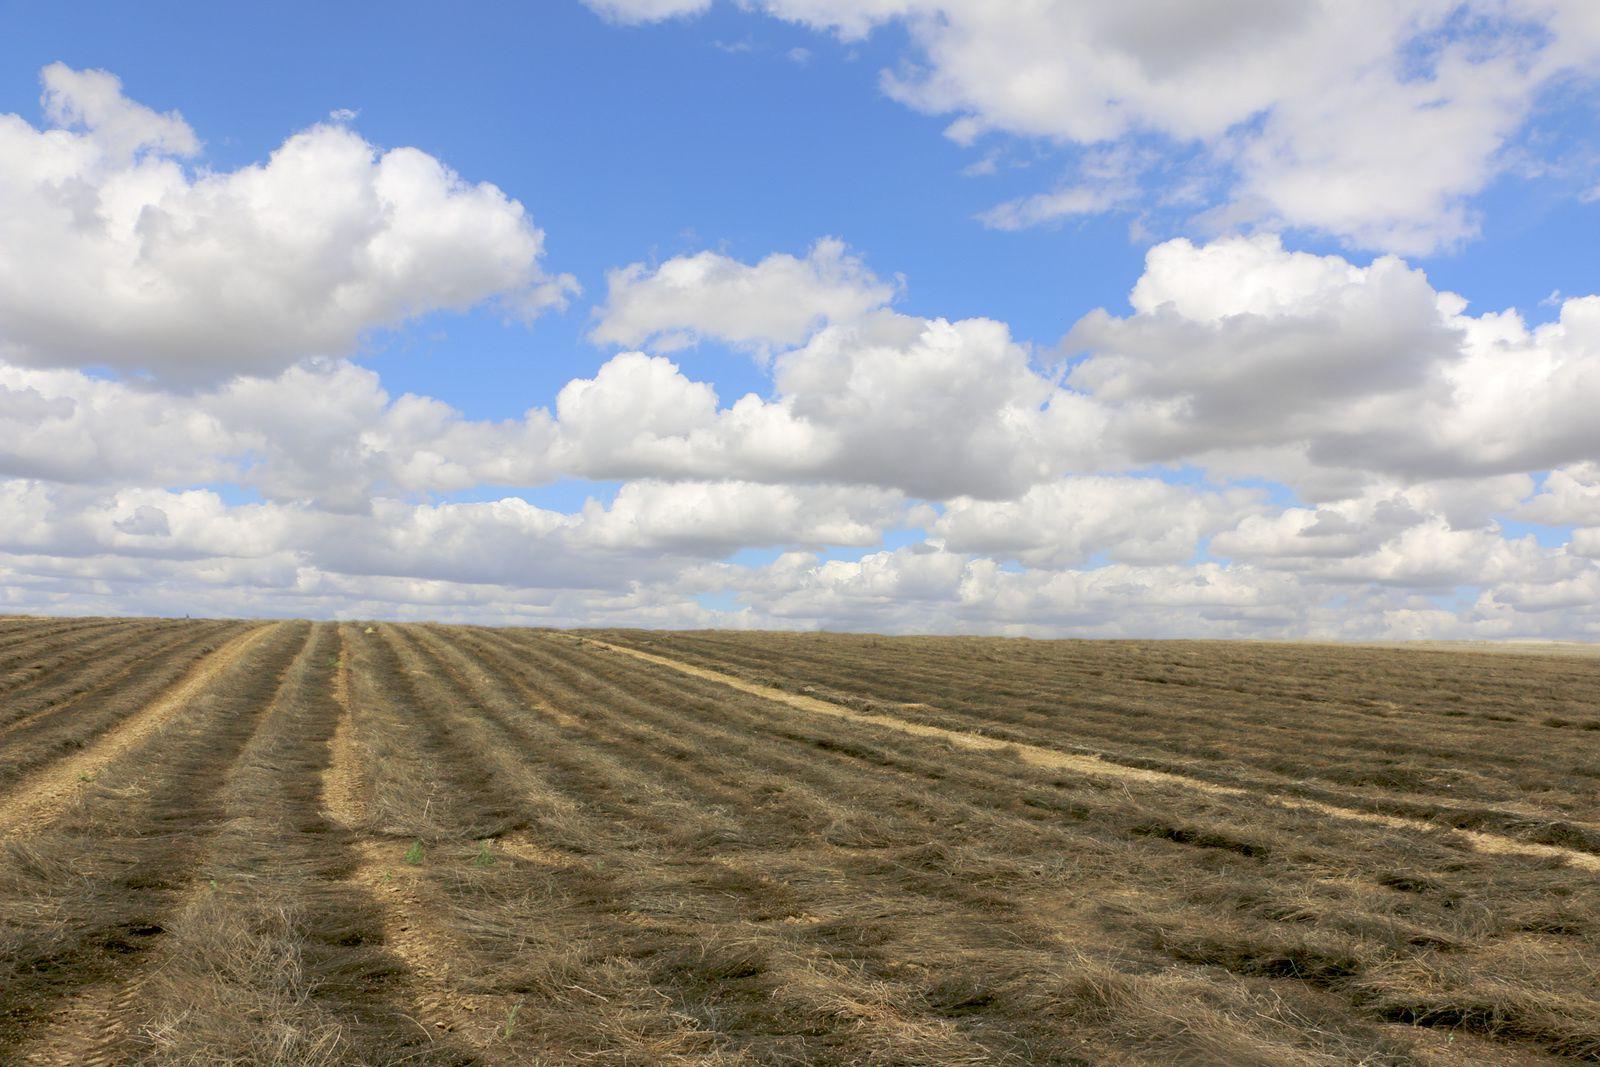 Vue du champ en direction de Bellecour.